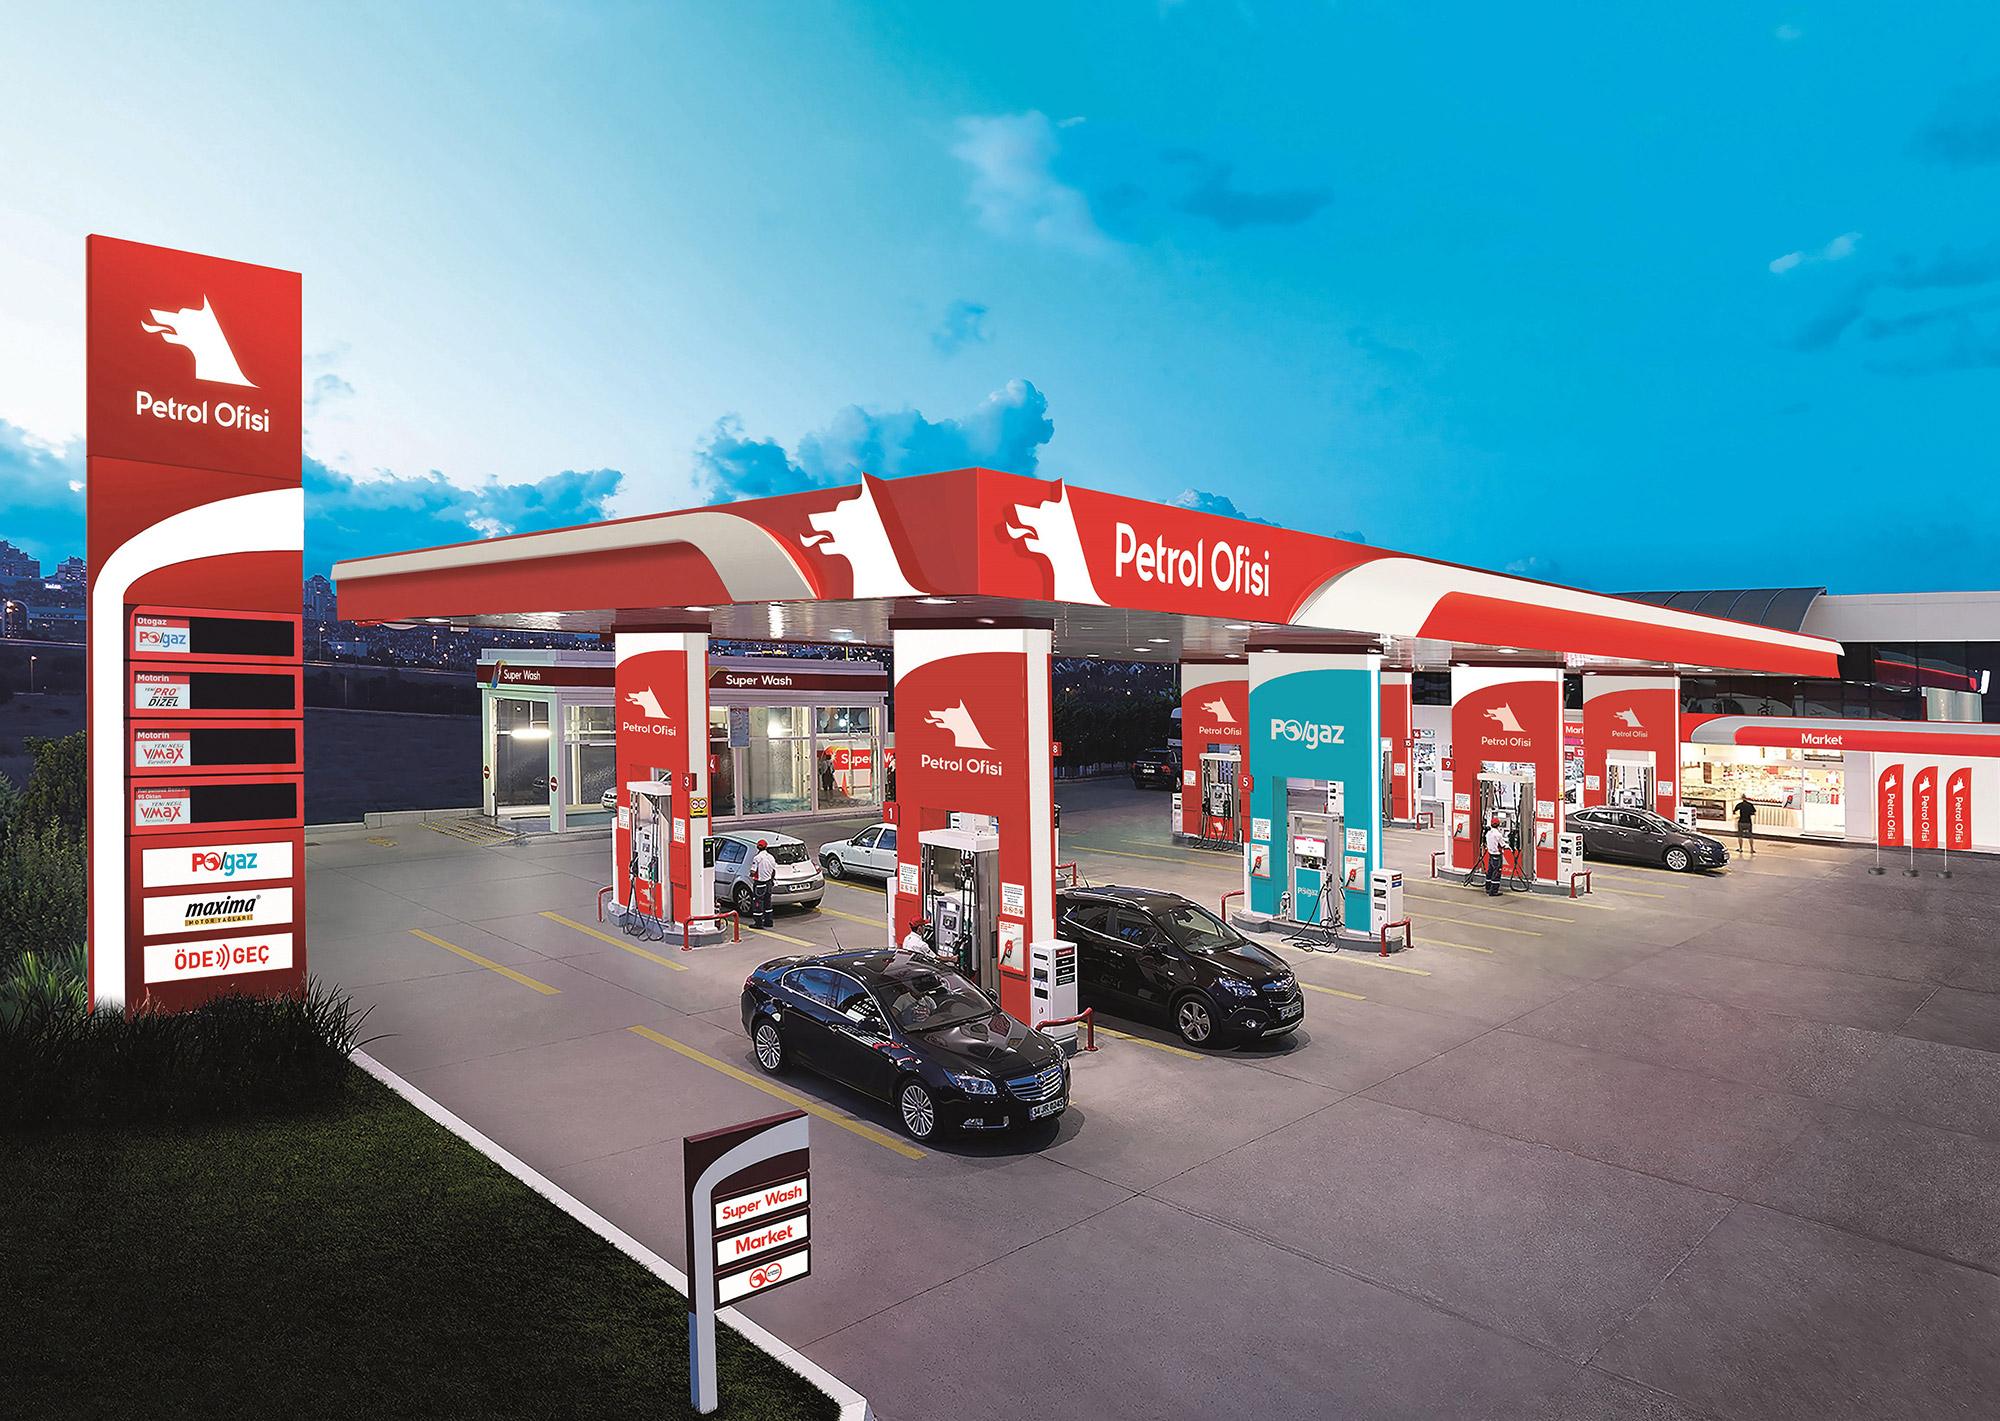 petrol-ofisi-istasyon.jpg